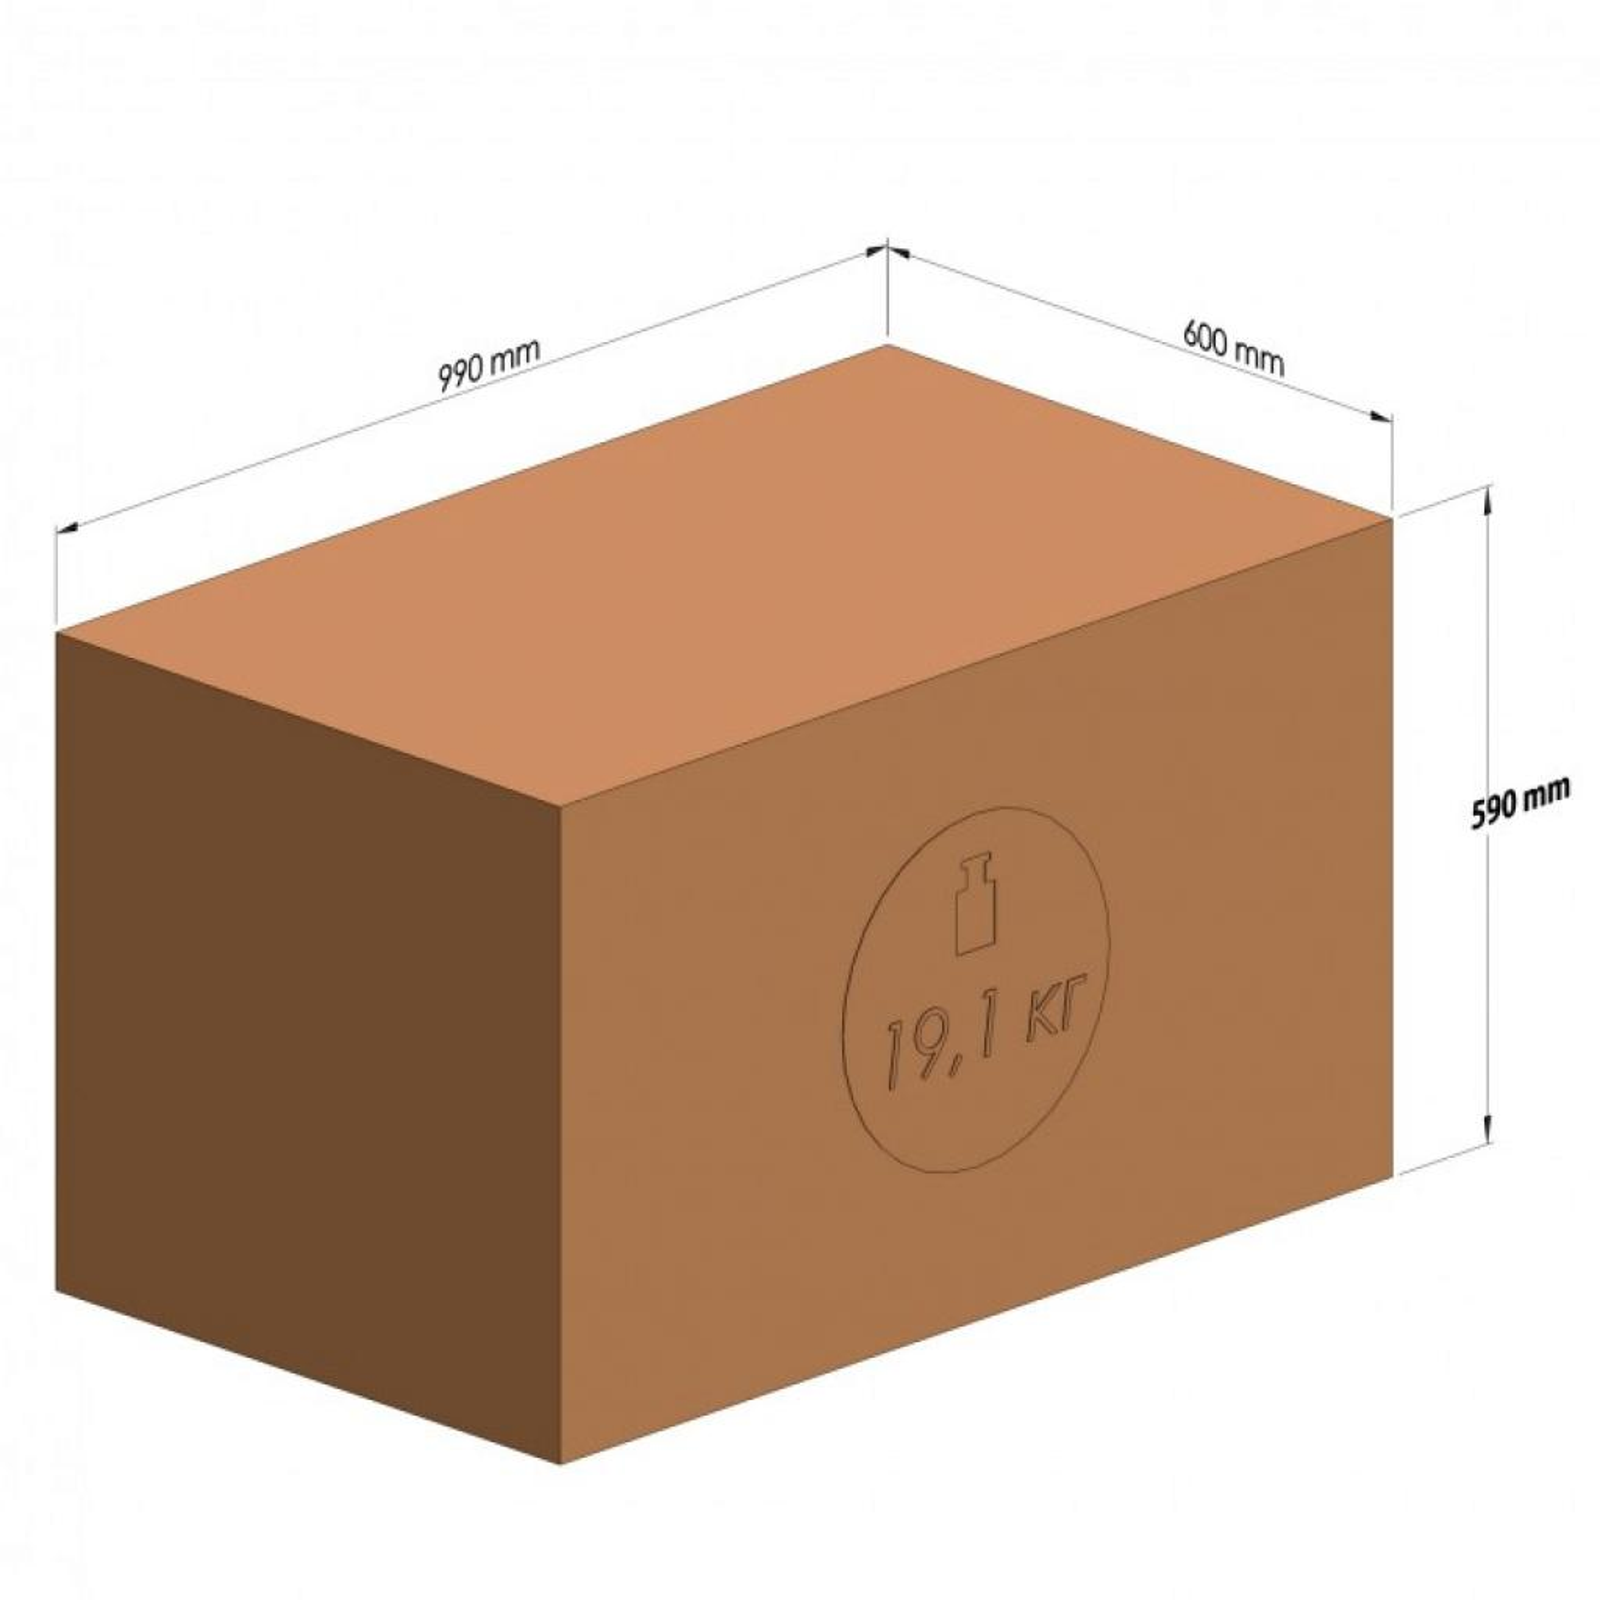 Вытяжка кухонная Eleyus Tempo 1000 LED SMD 90 N BL изображение 8